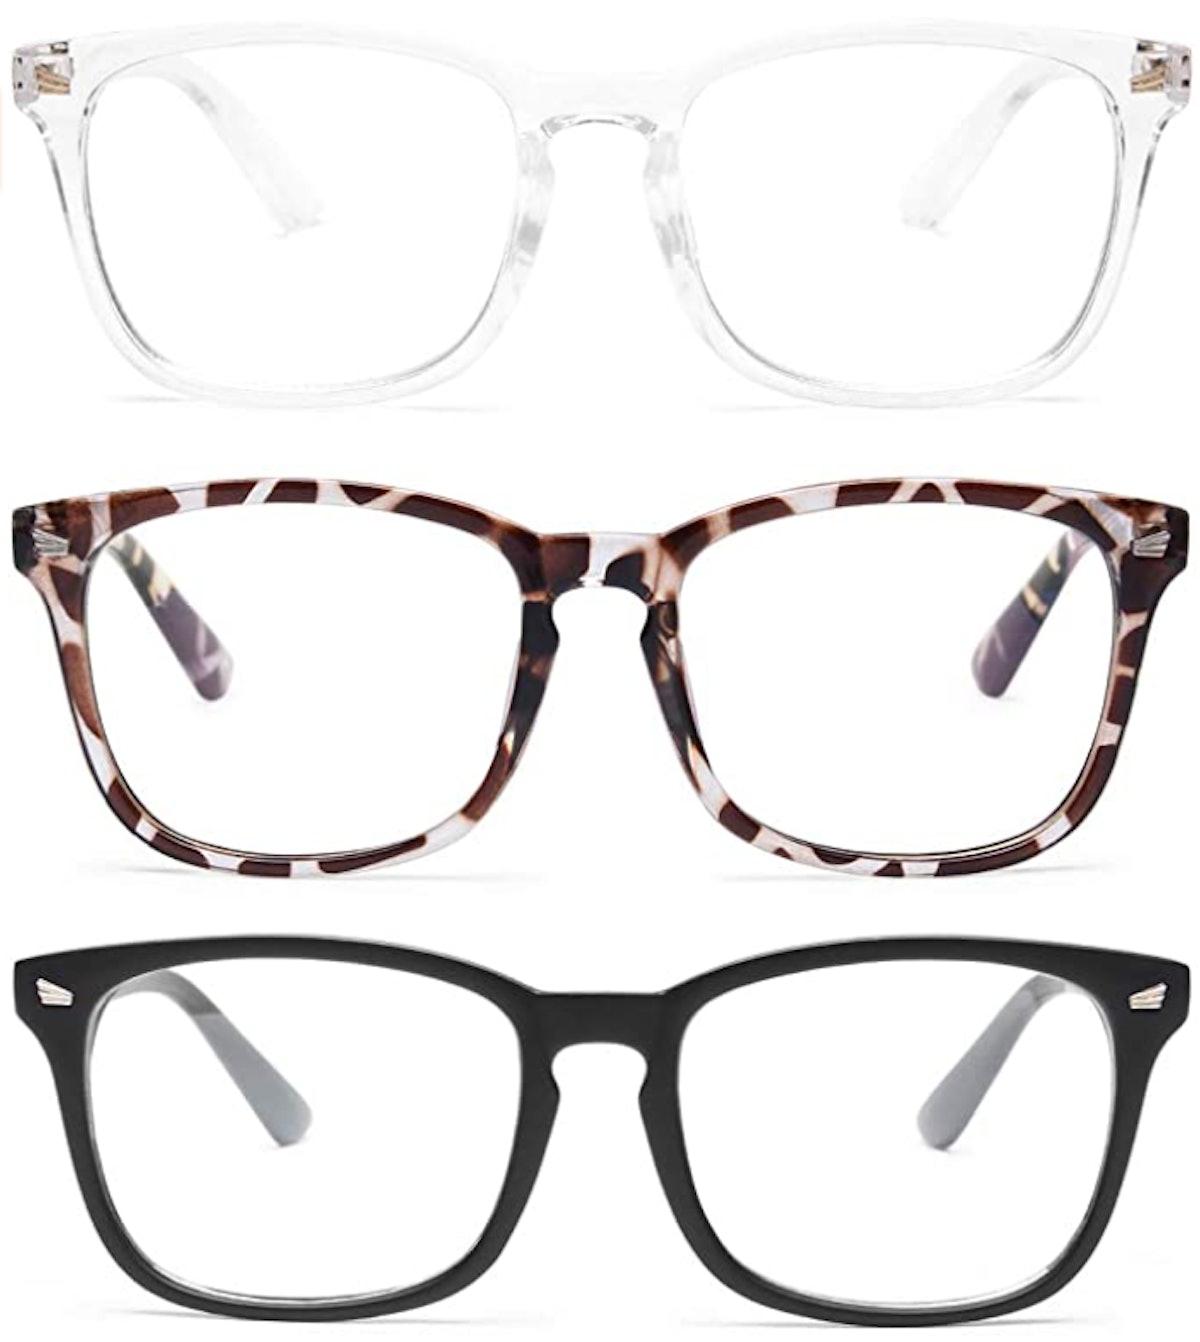 Gaoye Blue Light Blocking Glasses (3 Pack)